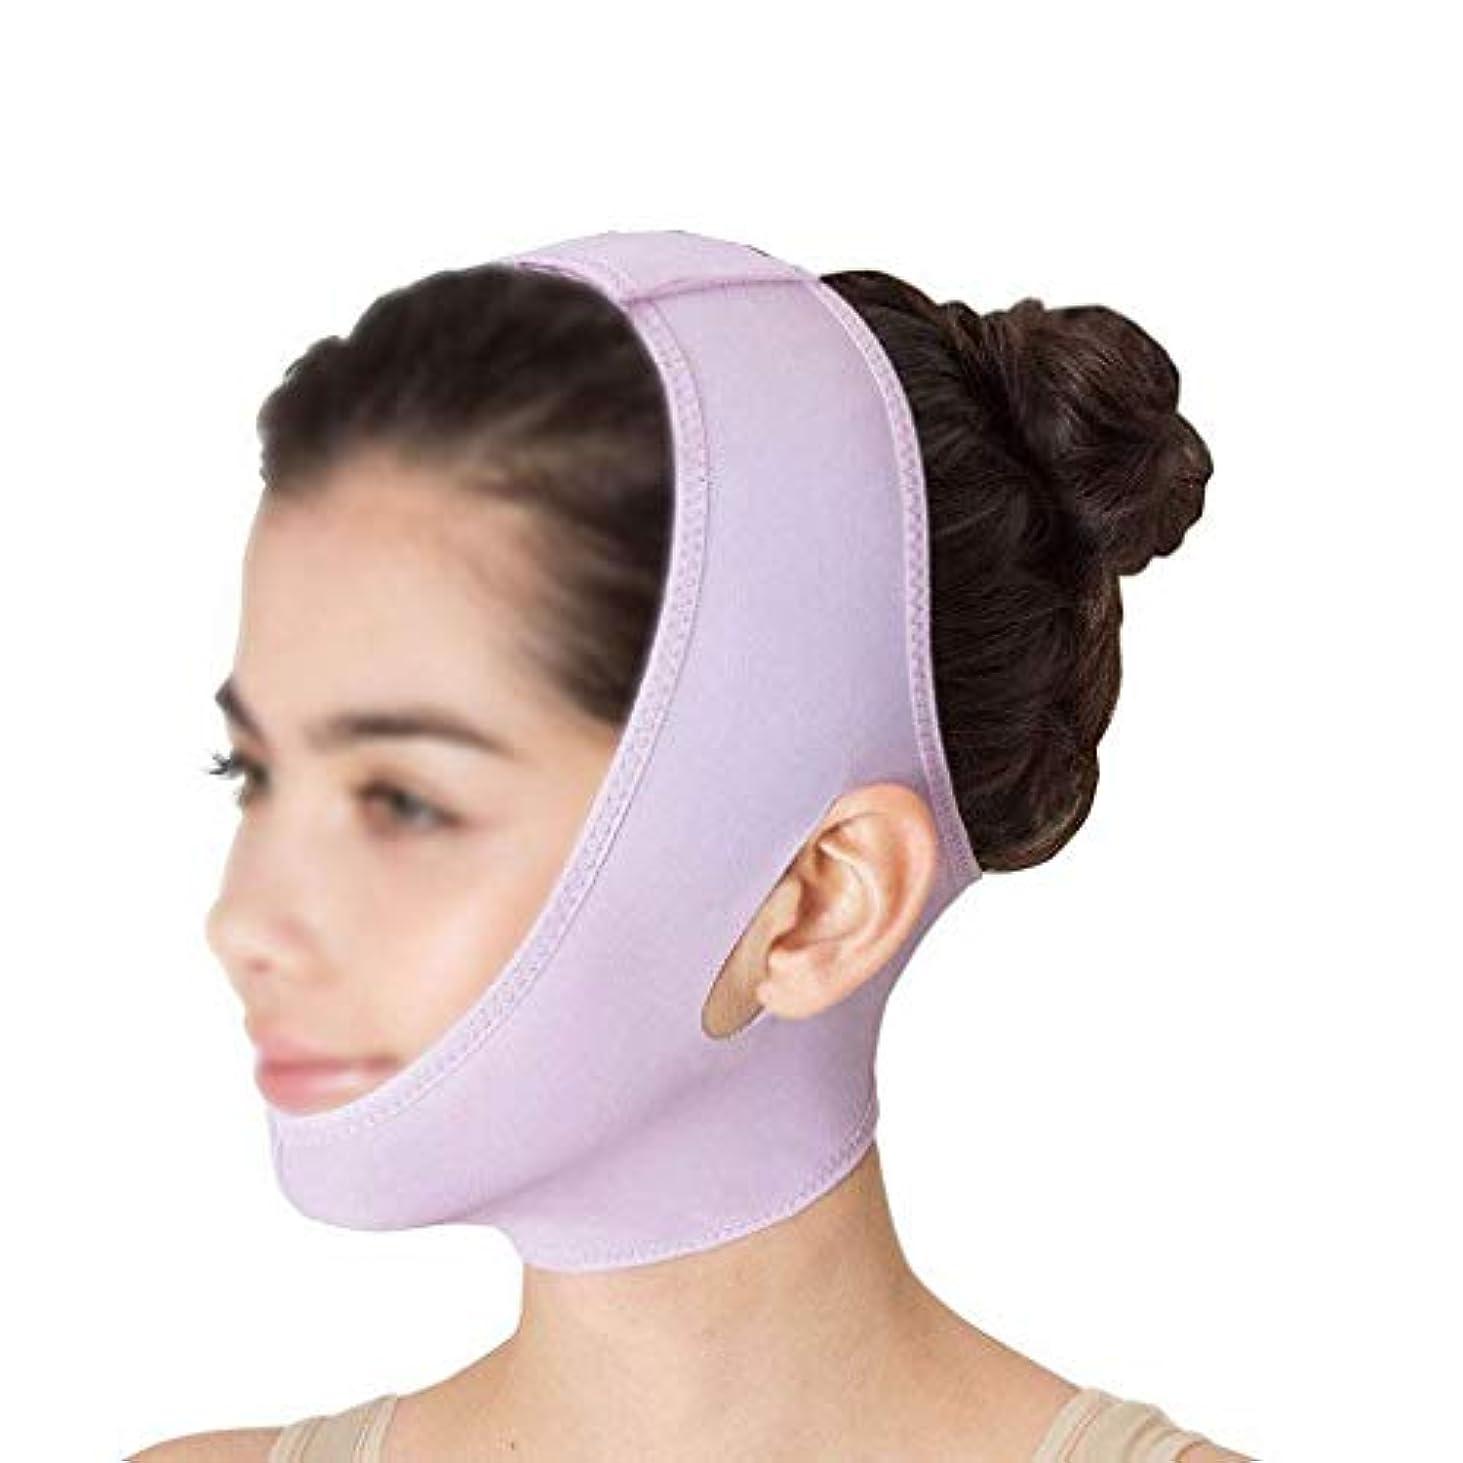 成分感じ対人薄いフェイスマスク ビームフェイス、薄いダブルチンでスリーピングマスクの下の頬を防ぎ、小さなVフェイスを作成